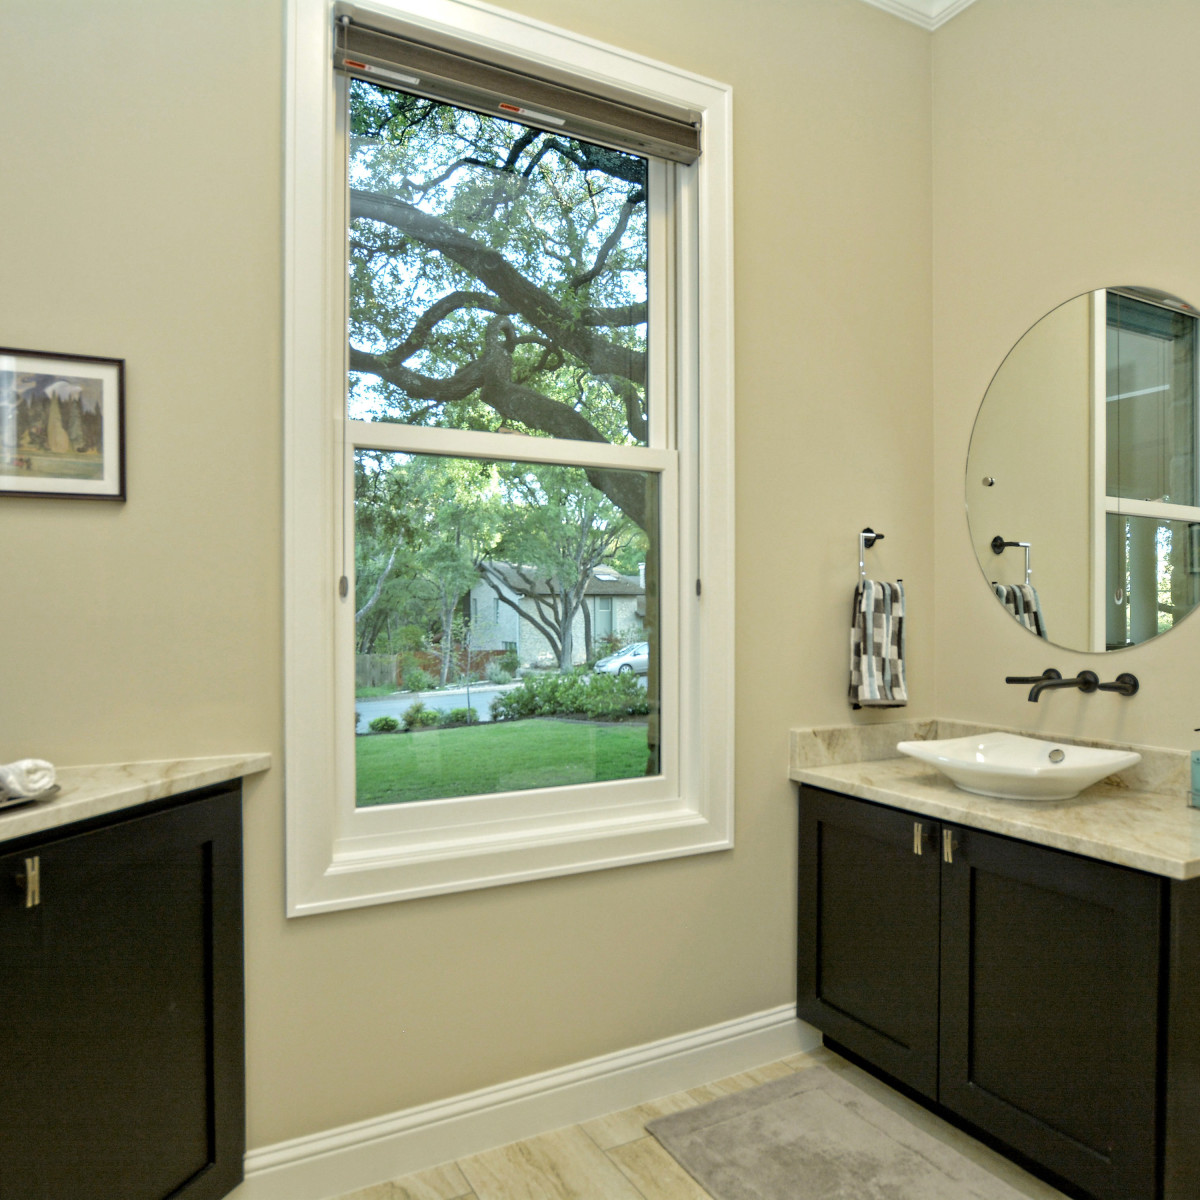 400 Almarian Austin house for sale bathroom